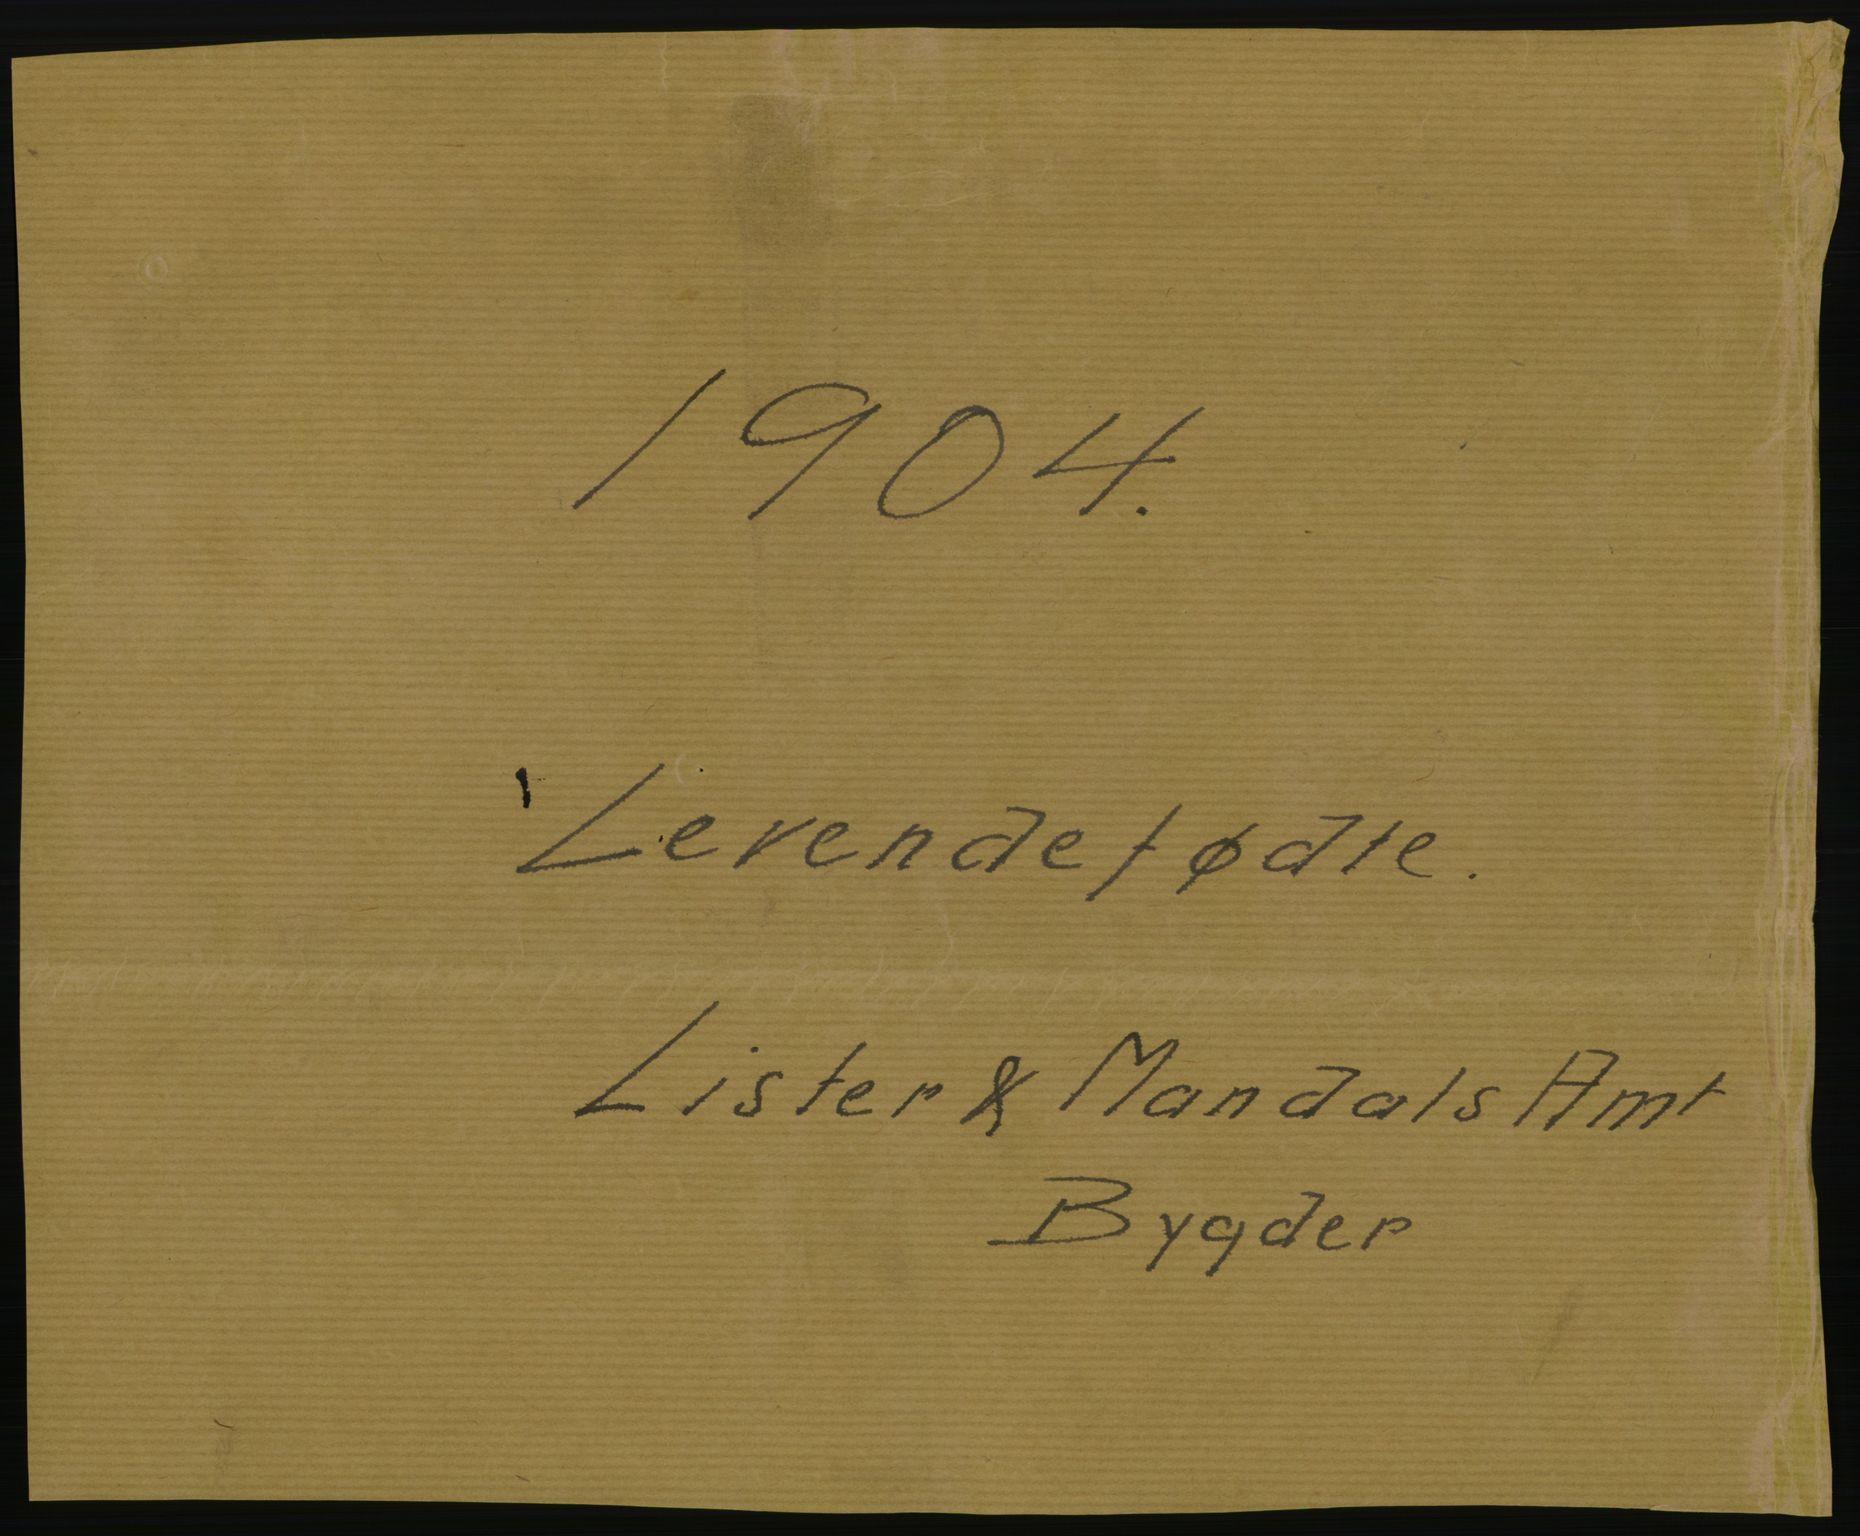 RA, Statistisk sentralbyrå, Sosiodemografiske emner, Befolkning, D/Df/Dfa/Dfab/L0011: Lister og Mandals amt: Fødte, gifte, døde, 1904